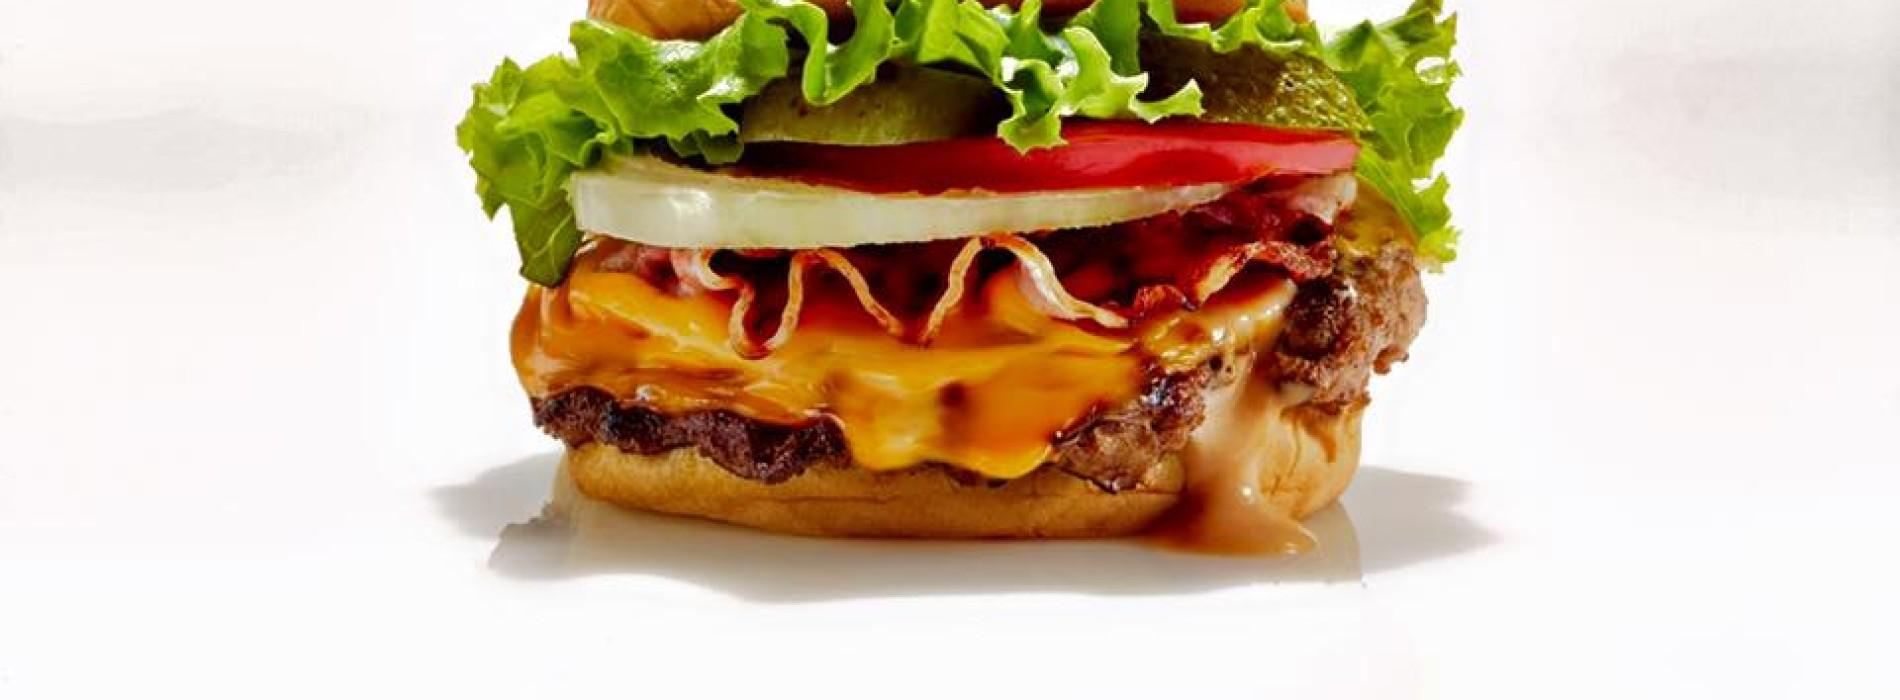 Burgez Milano, il nuovo fast food autentico in zona Tortona: hamburger di qualità e prezzi contenuti